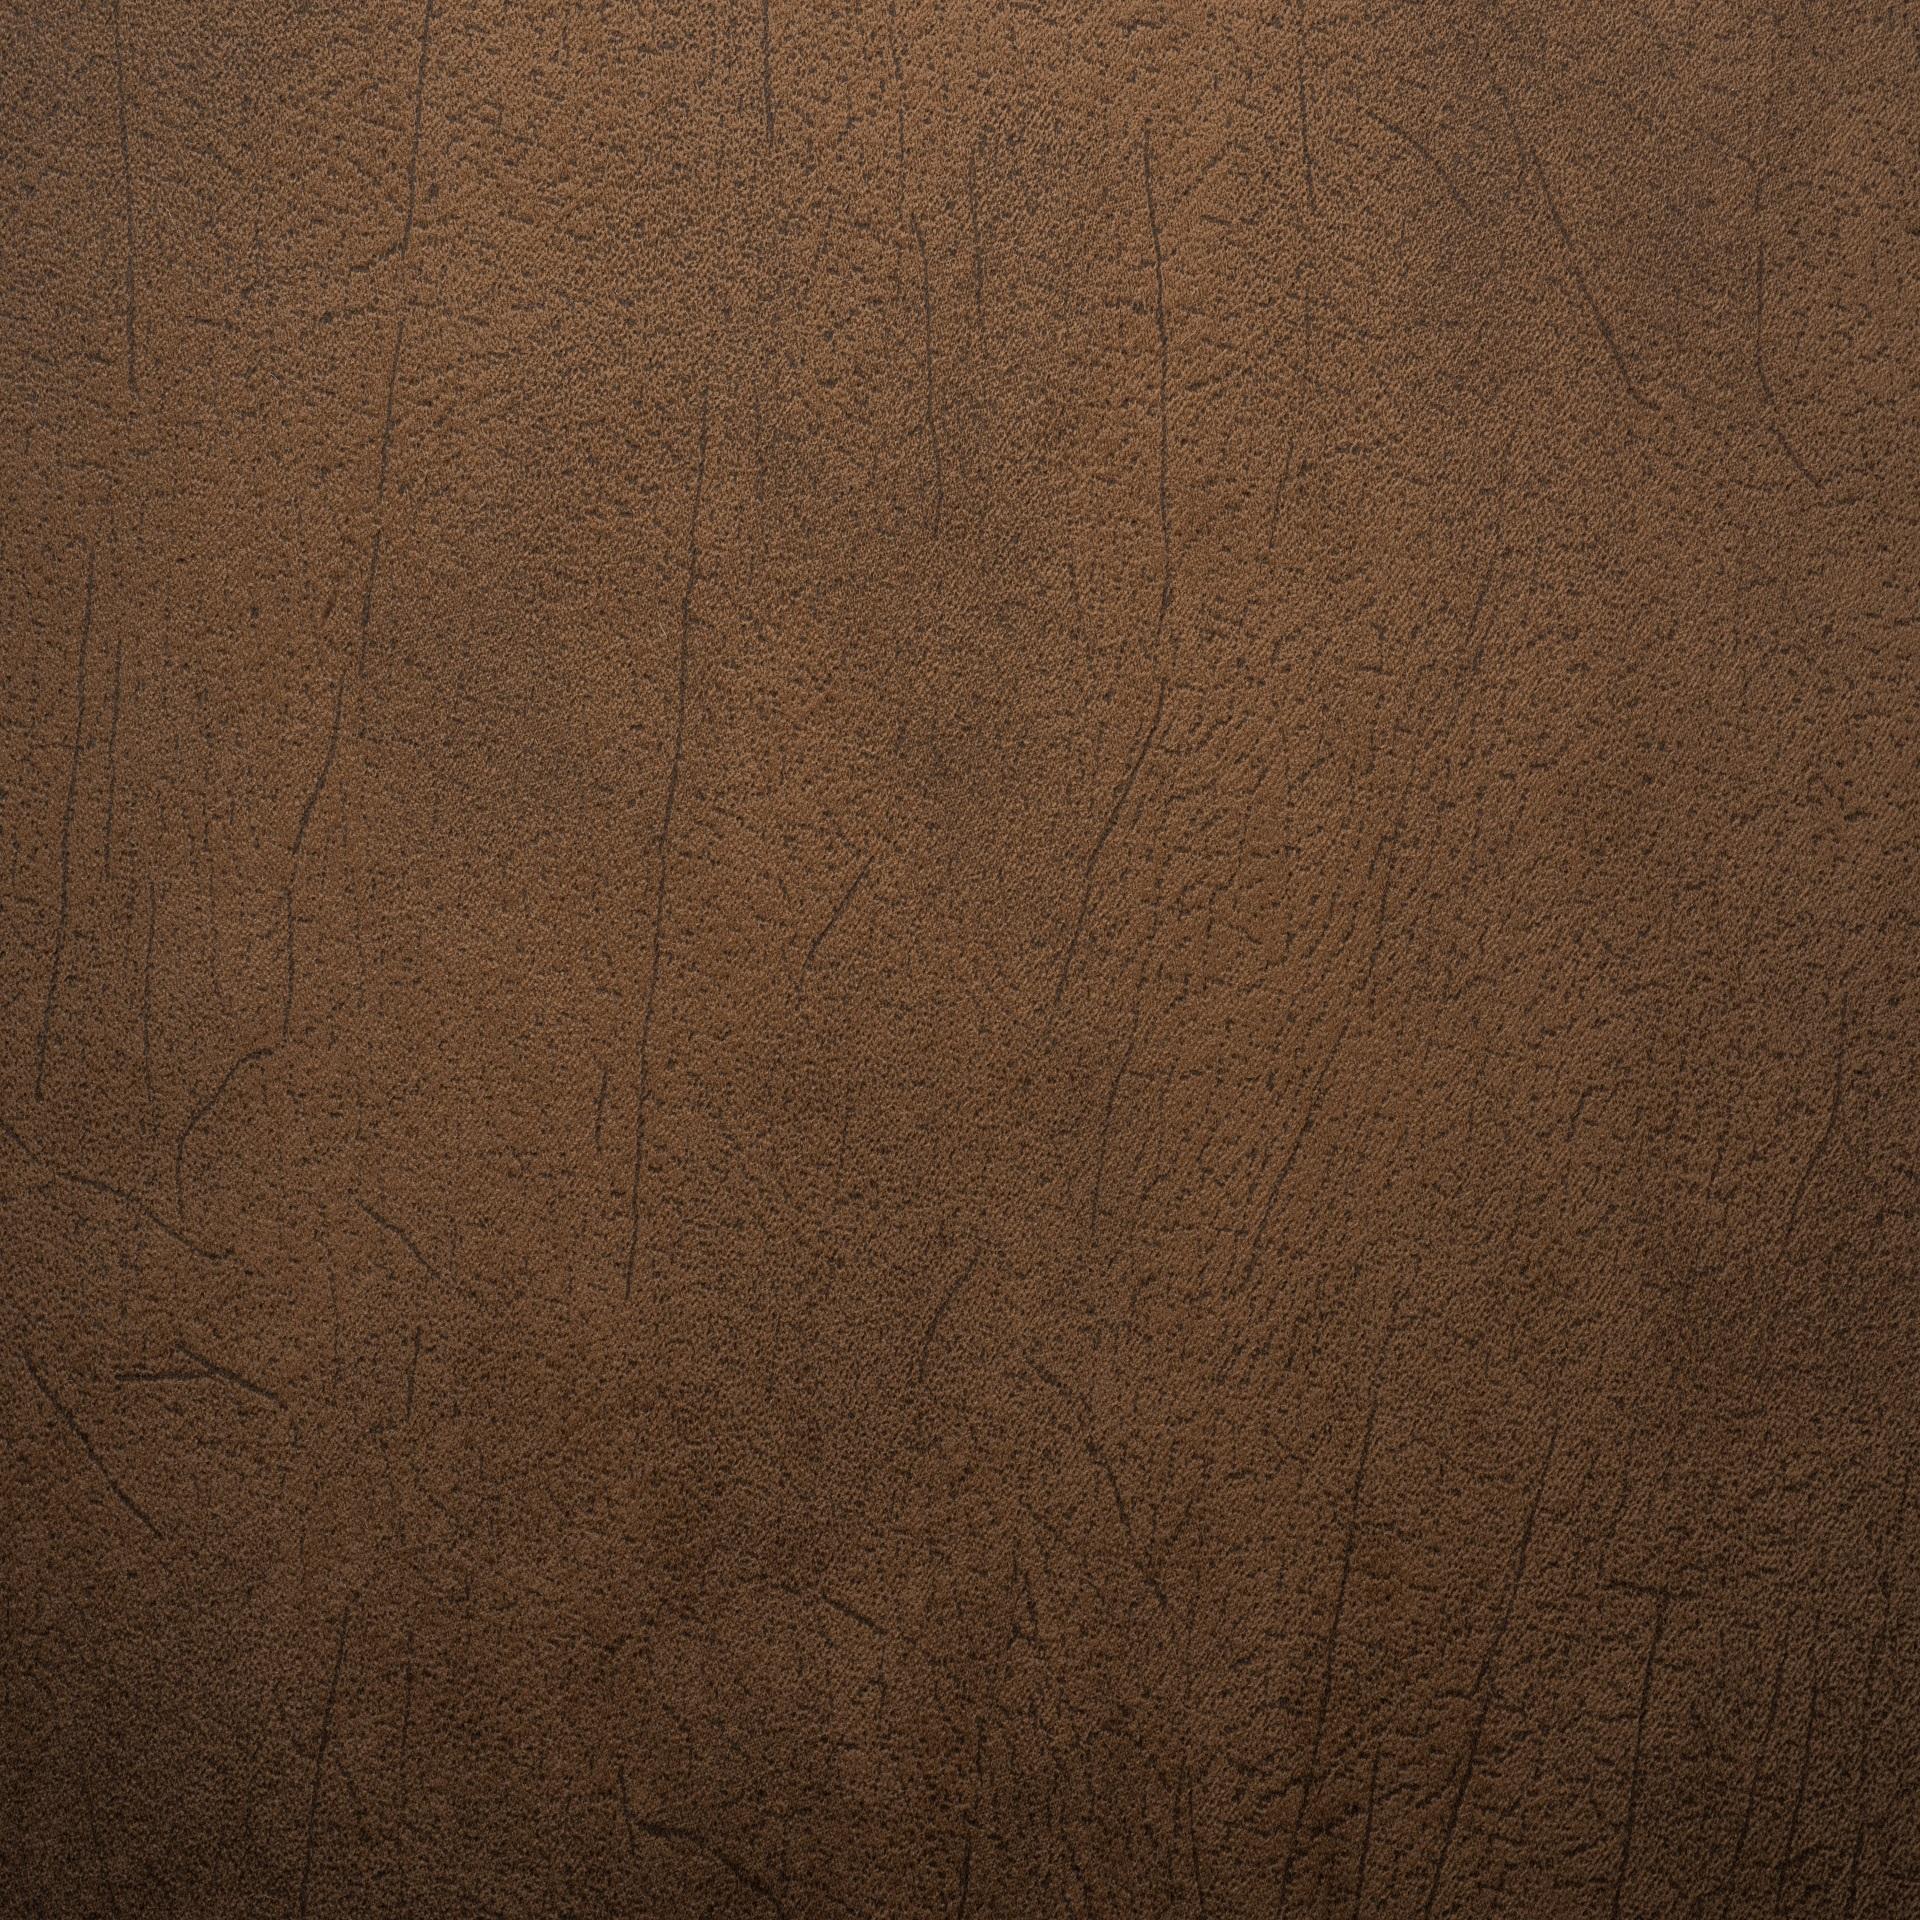 Коллекция ткани Джерри 8,  купить ткань Велюр для мебели Украина